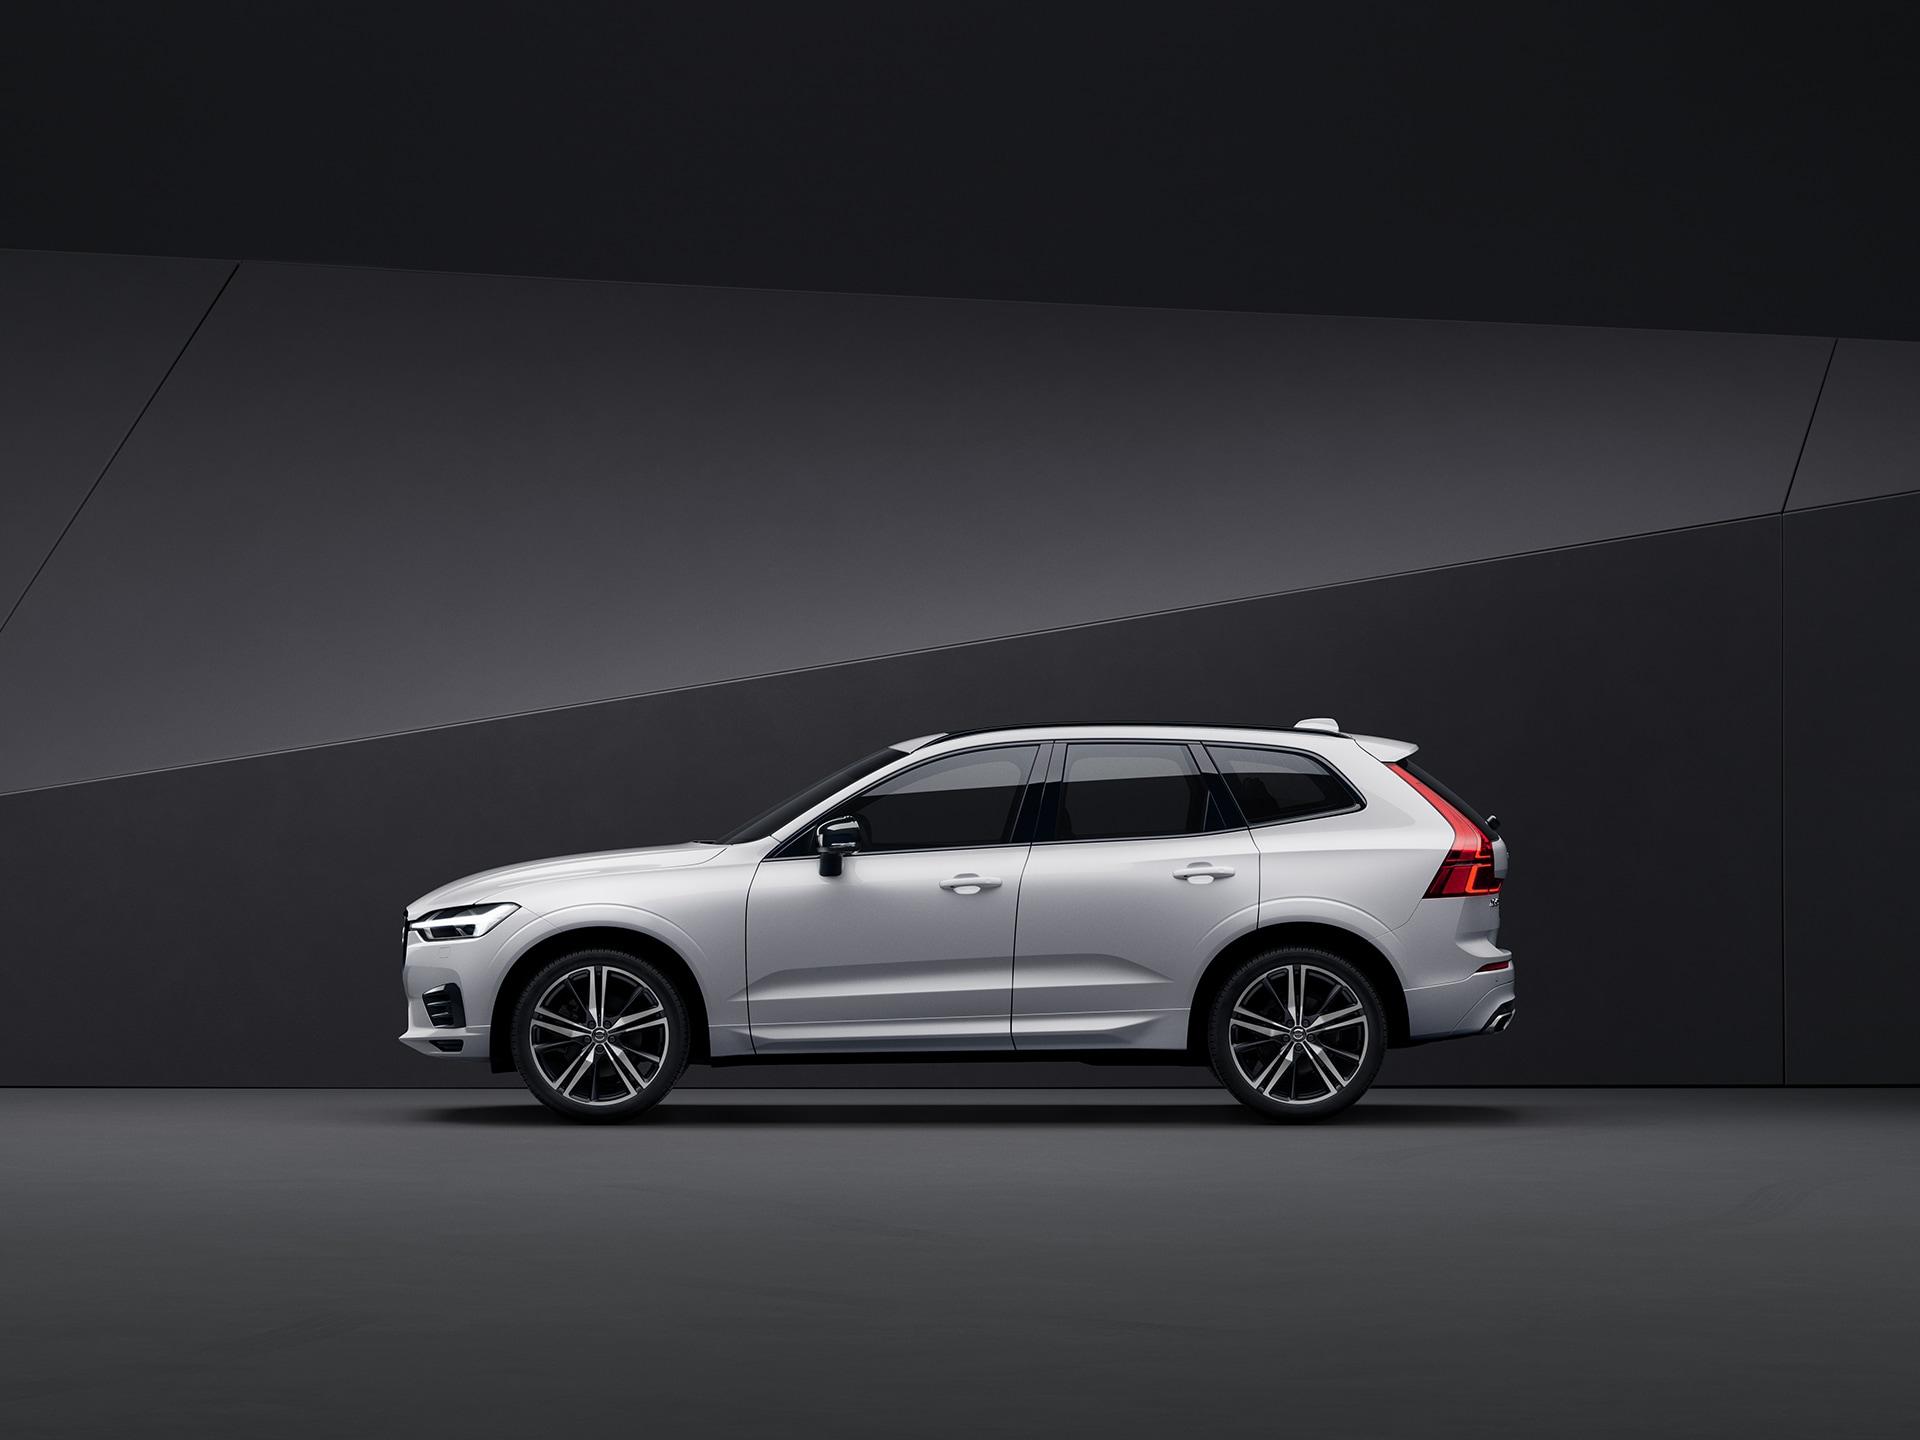 Ein weißer Volvo XC60, der in einer schwarzen Umgebung geparkt ist